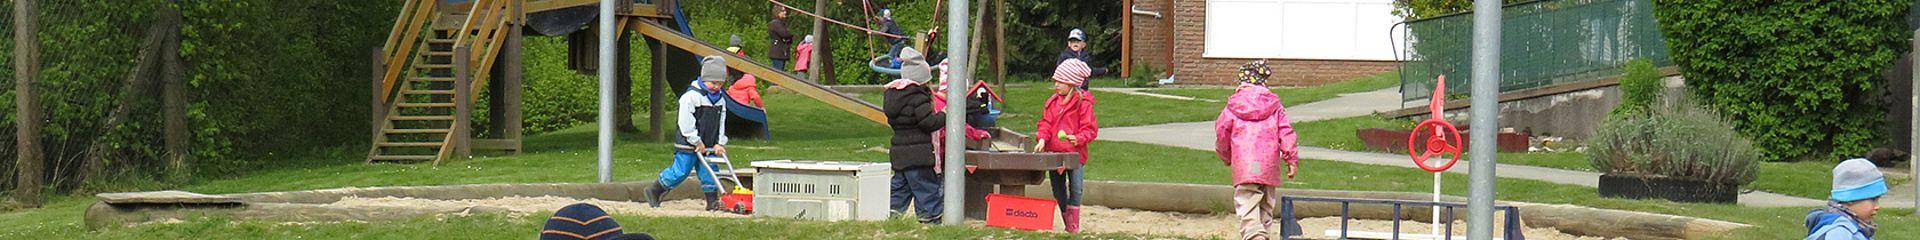 Aussengelände von dem Kindergarten